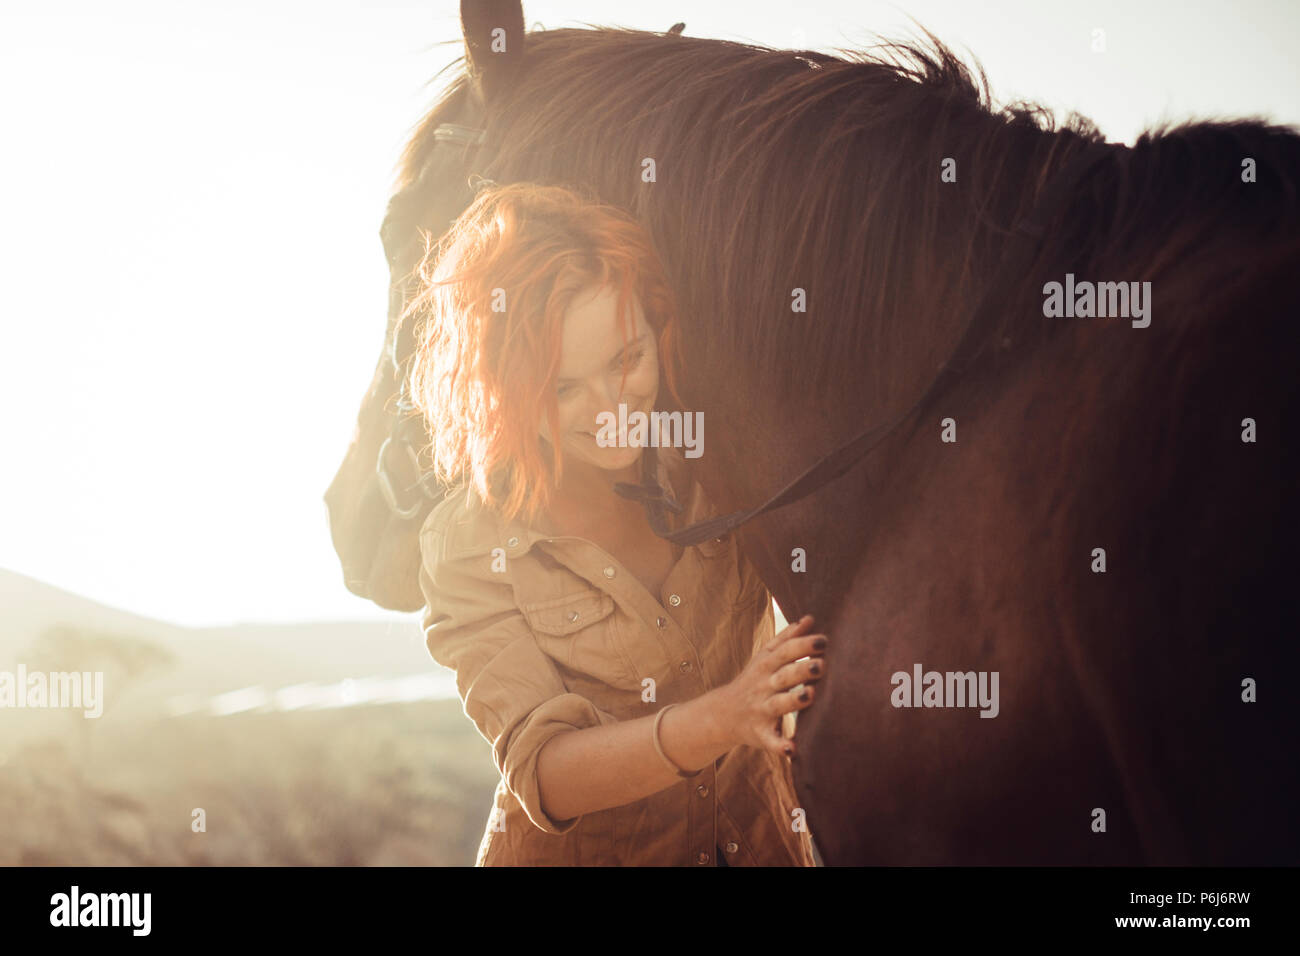 El verdadero amor y amistad concepto entre Niza hermosa dama caucásica y sorprendente caballo. sunset tiempo y retroiluminación. dulzura y ternura en caballo Imagen De Stock